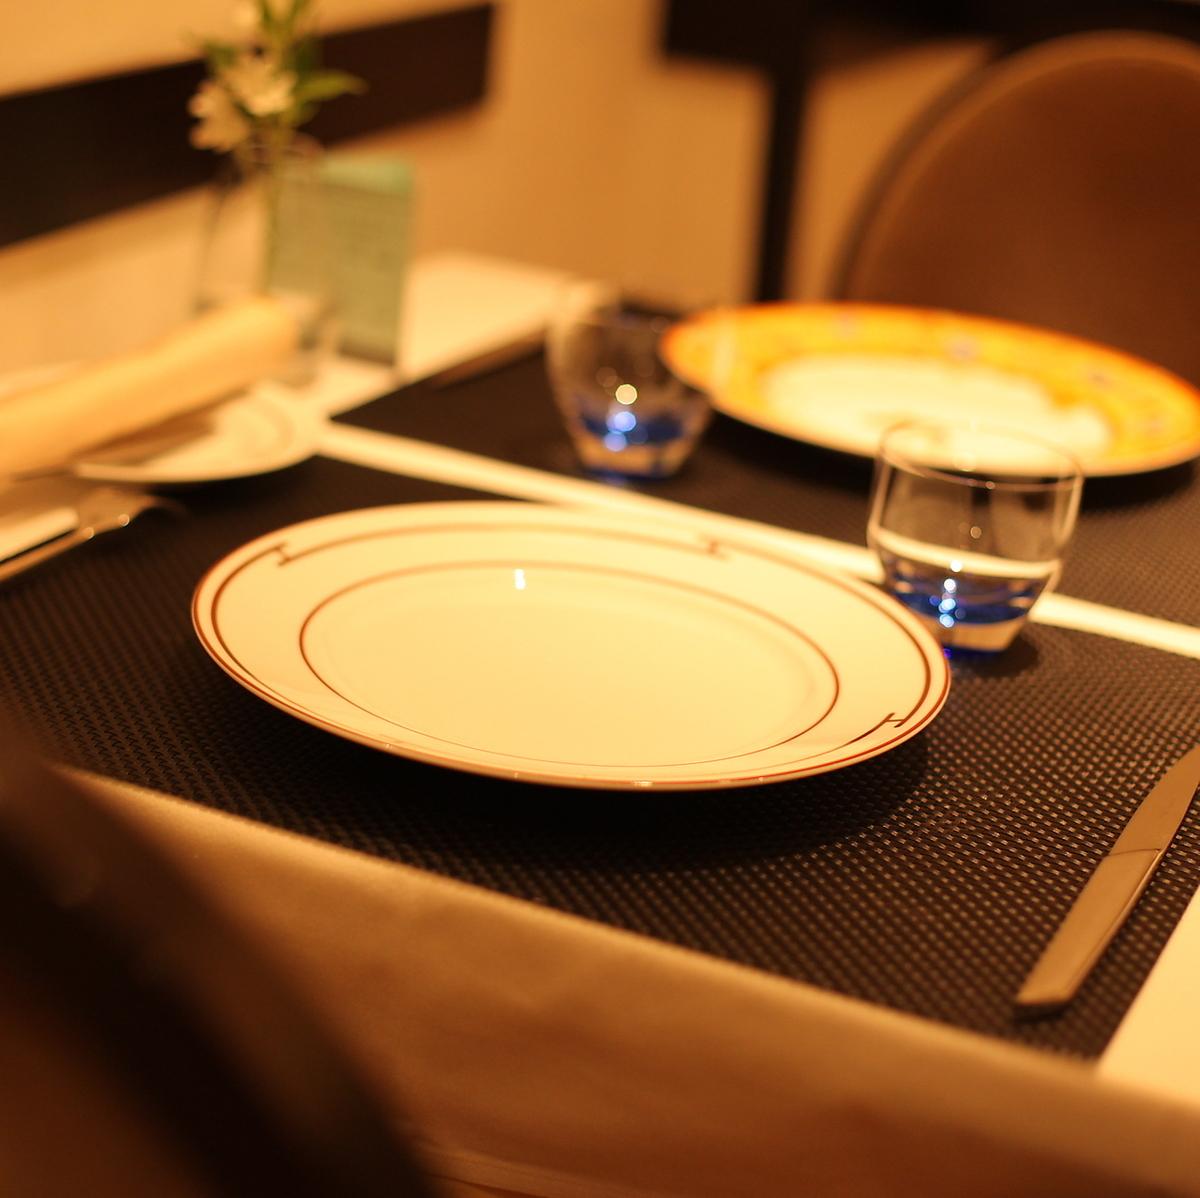 桌椅周年纪念日,排列着色彩缤纷的菜肴